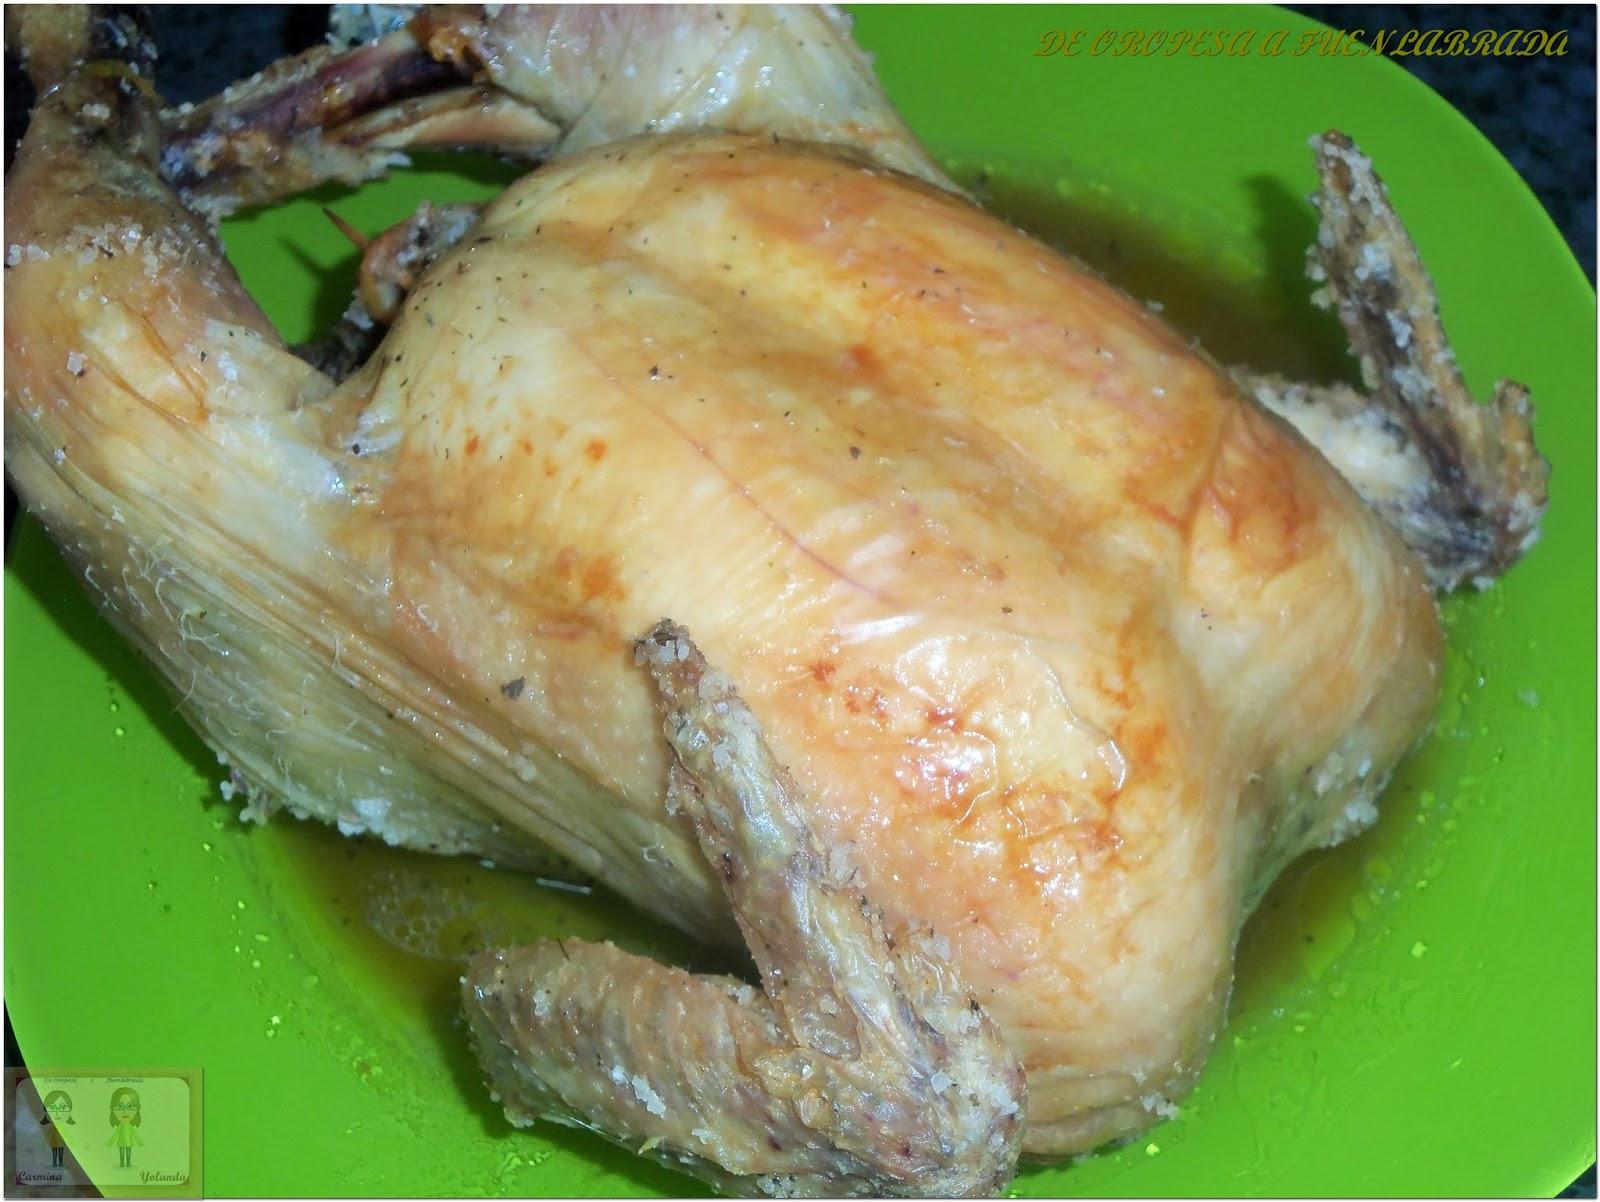 Pollo a la sal con finas hierbas recetas de cocina - Pollo asado a las finas hierbas ...